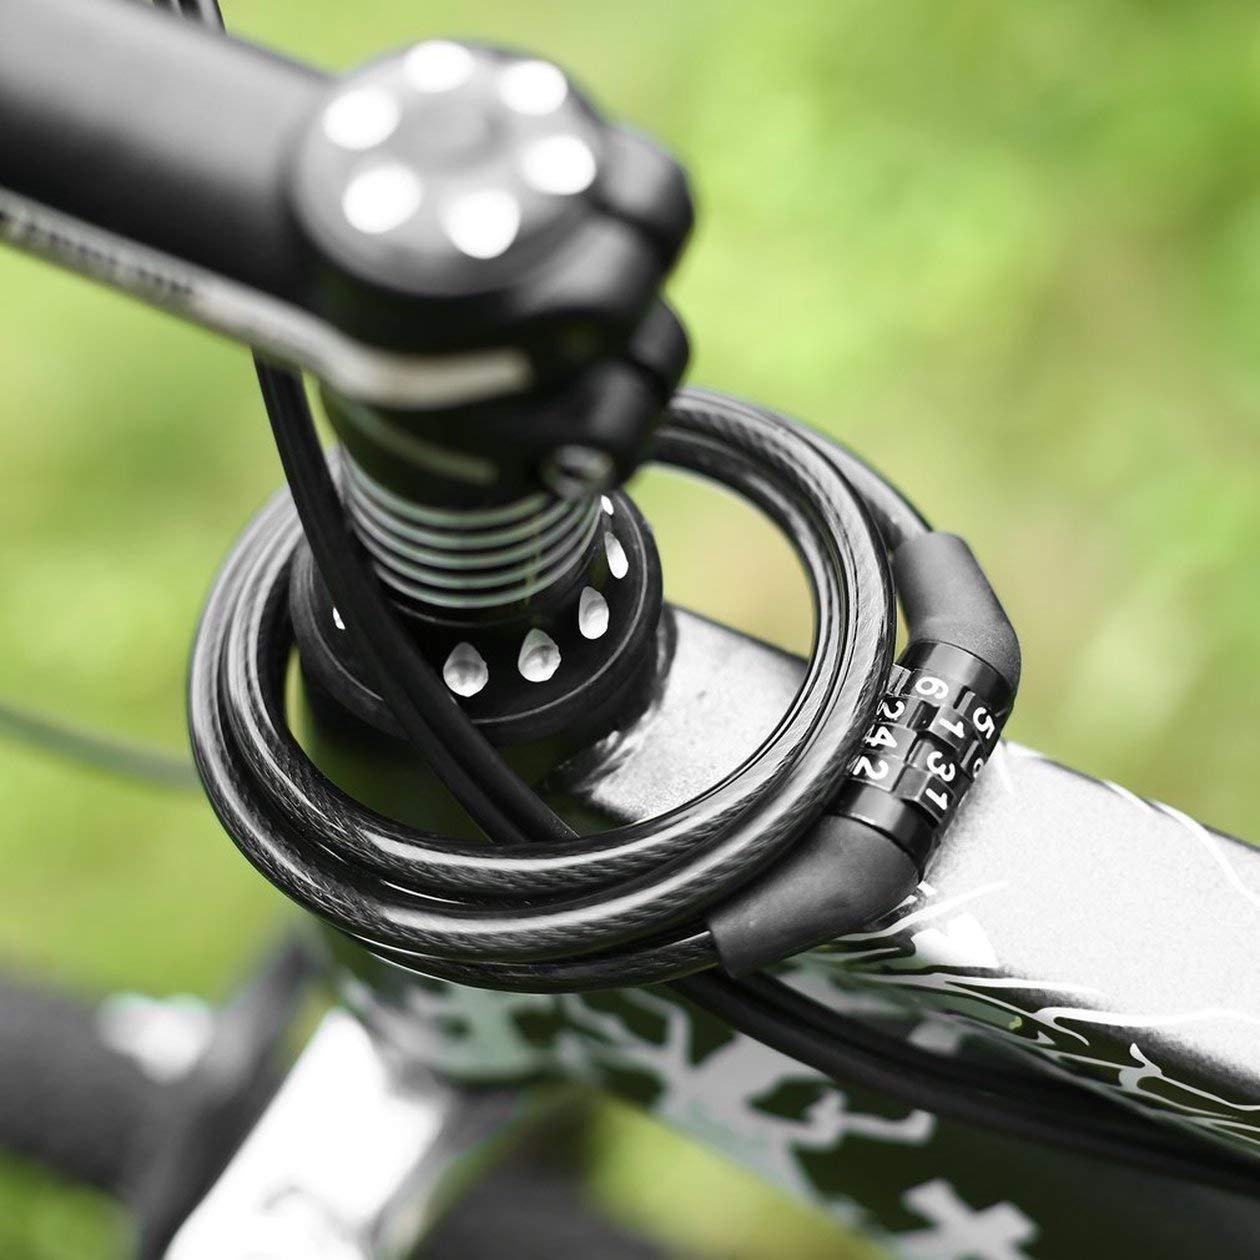 Couleur: Noir HONGIGI C/âble antivol de Code de s/écurit/é Multifonctionnel Code Cycling 4-Digital Facile /à Utiliser V/élo Combinaison V/élo Chian Lock